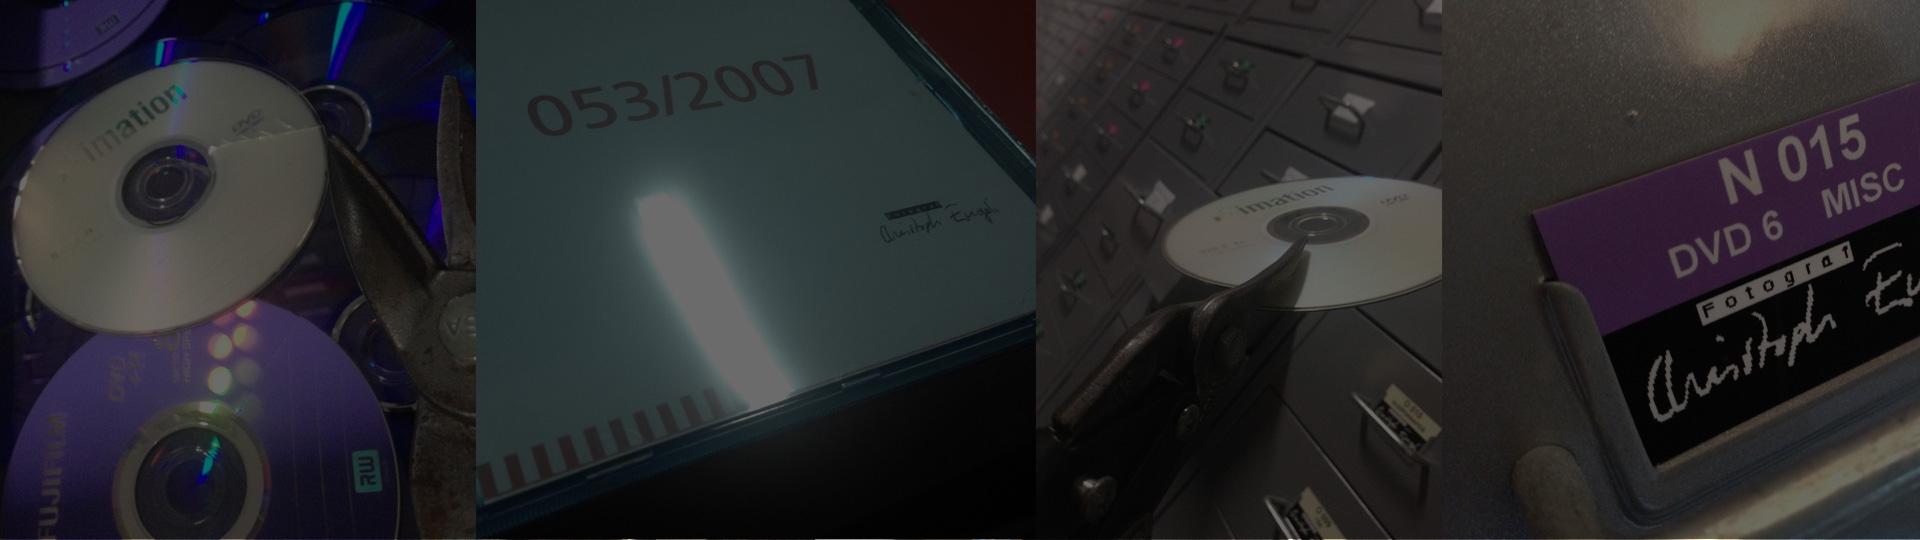 Alte DVDs werden endgültig geschreddert. Mittlerweille sind alle Daten seit Beginn meiner Tätigkeit 3-fach gesichert.